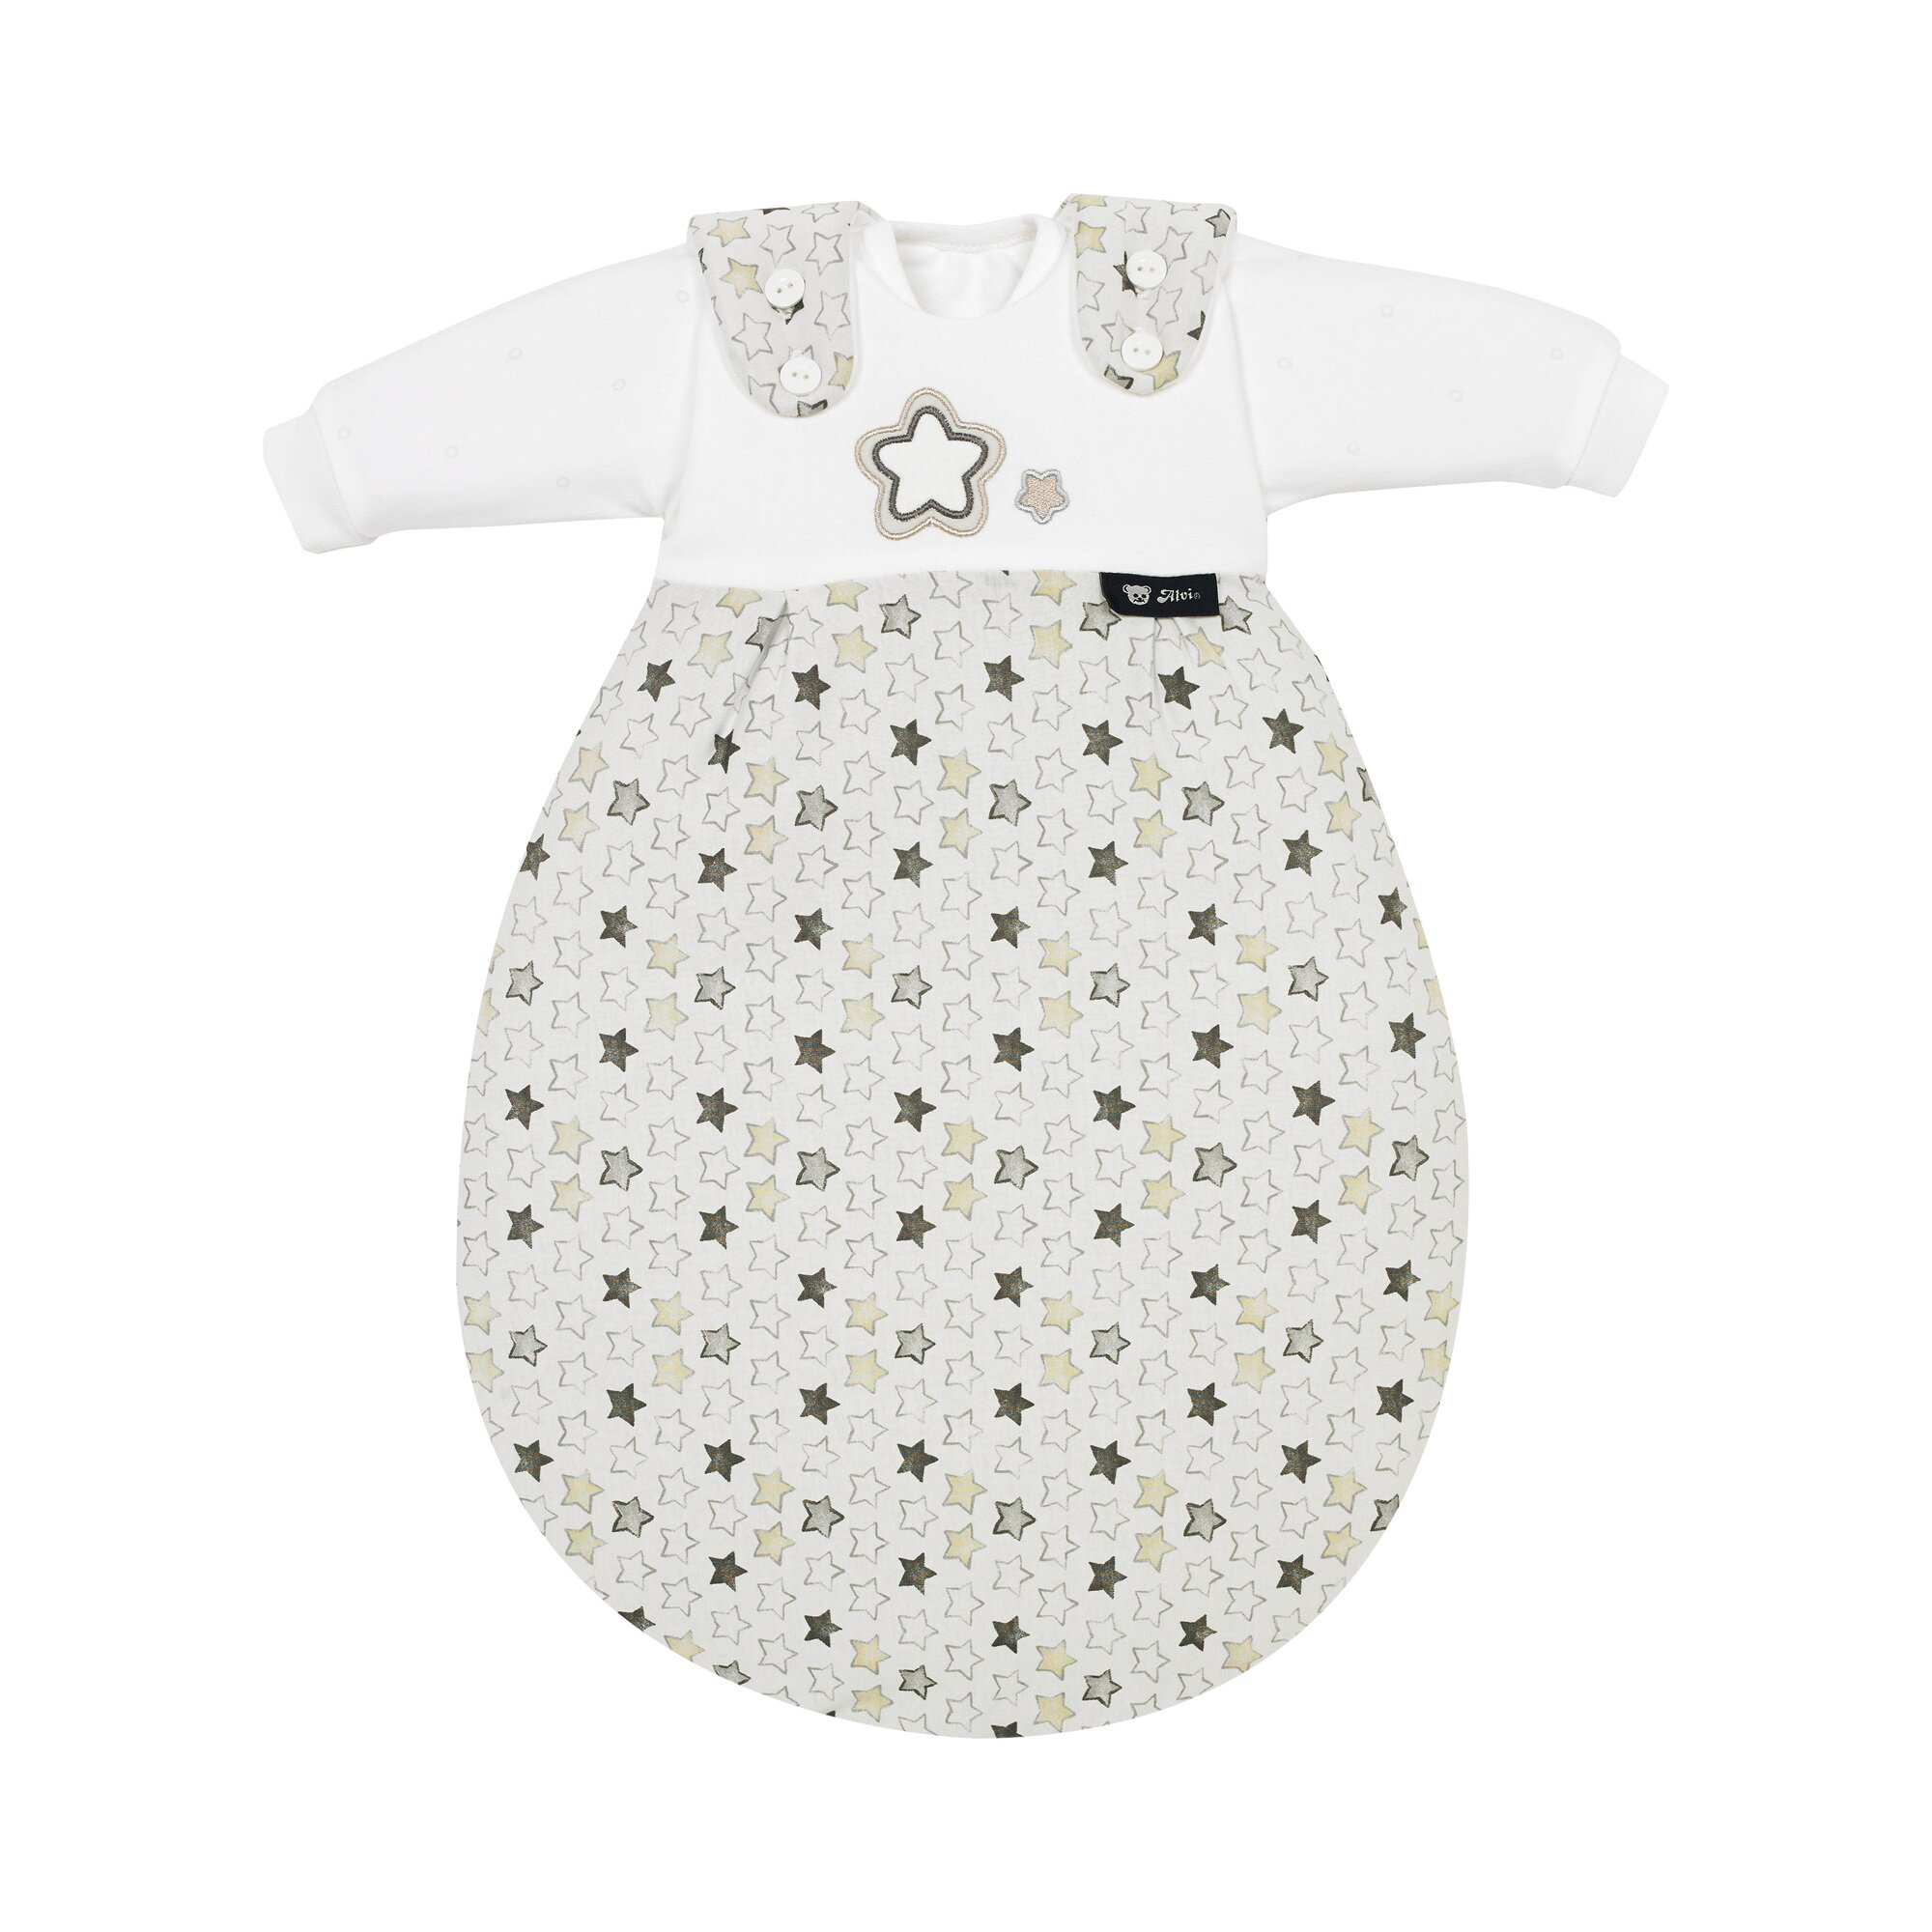 Baby-Mäxchen 3-tlg. Ganzjahresschlafsack Super Soft Stern und Sternchen